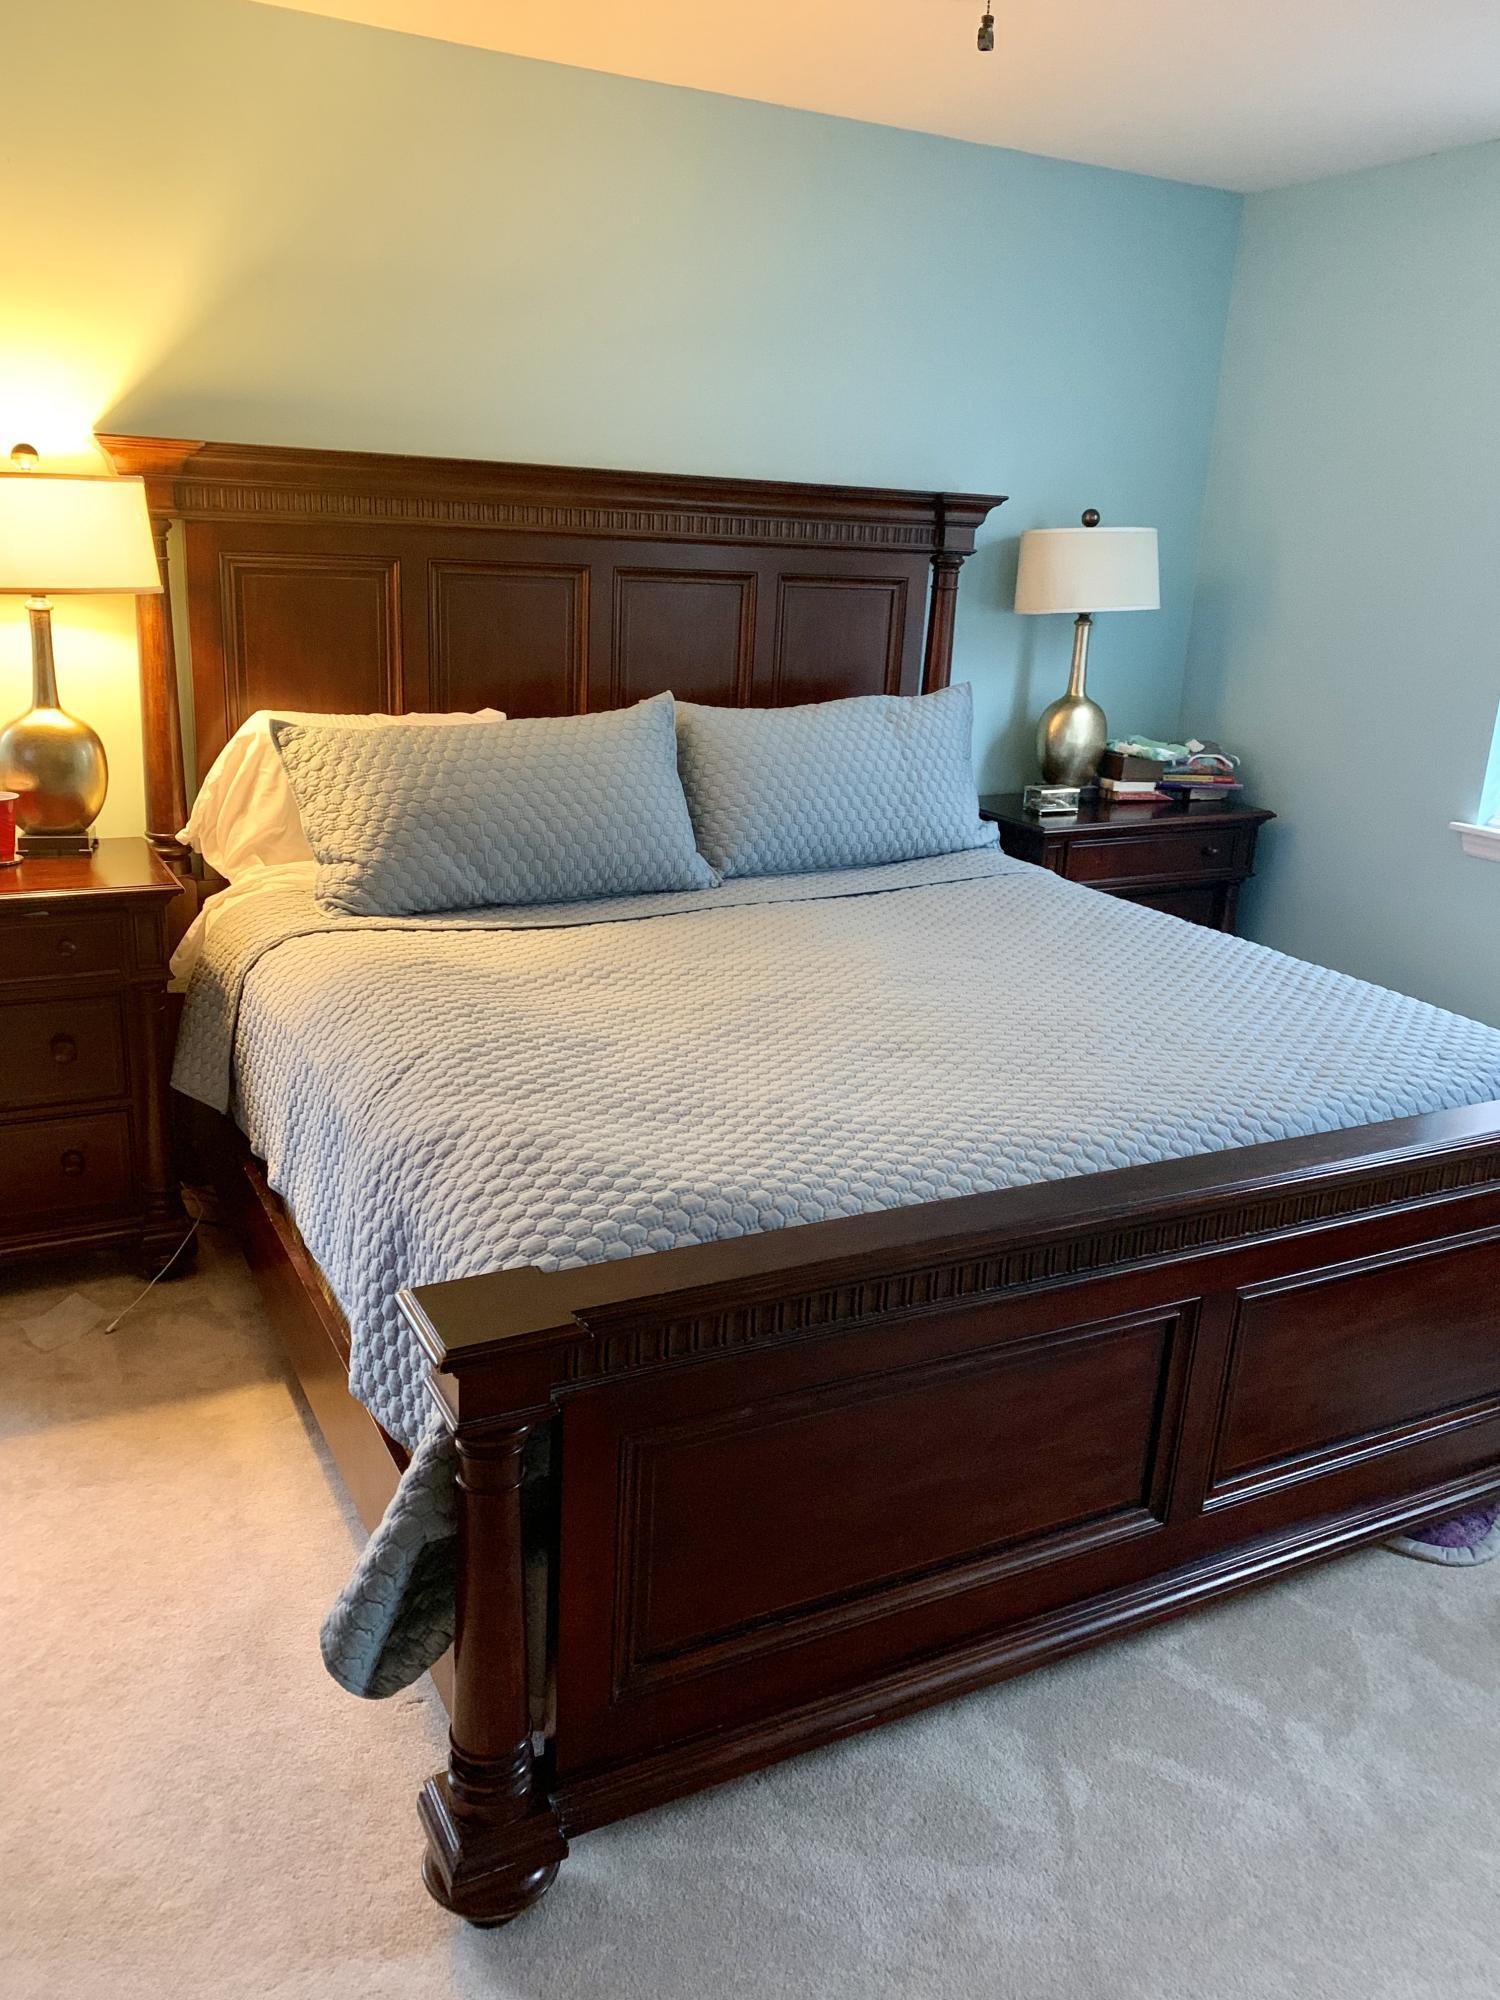 Park West Homes For Sale - 3301 Barkla, Mount Pleasant, SC - 7